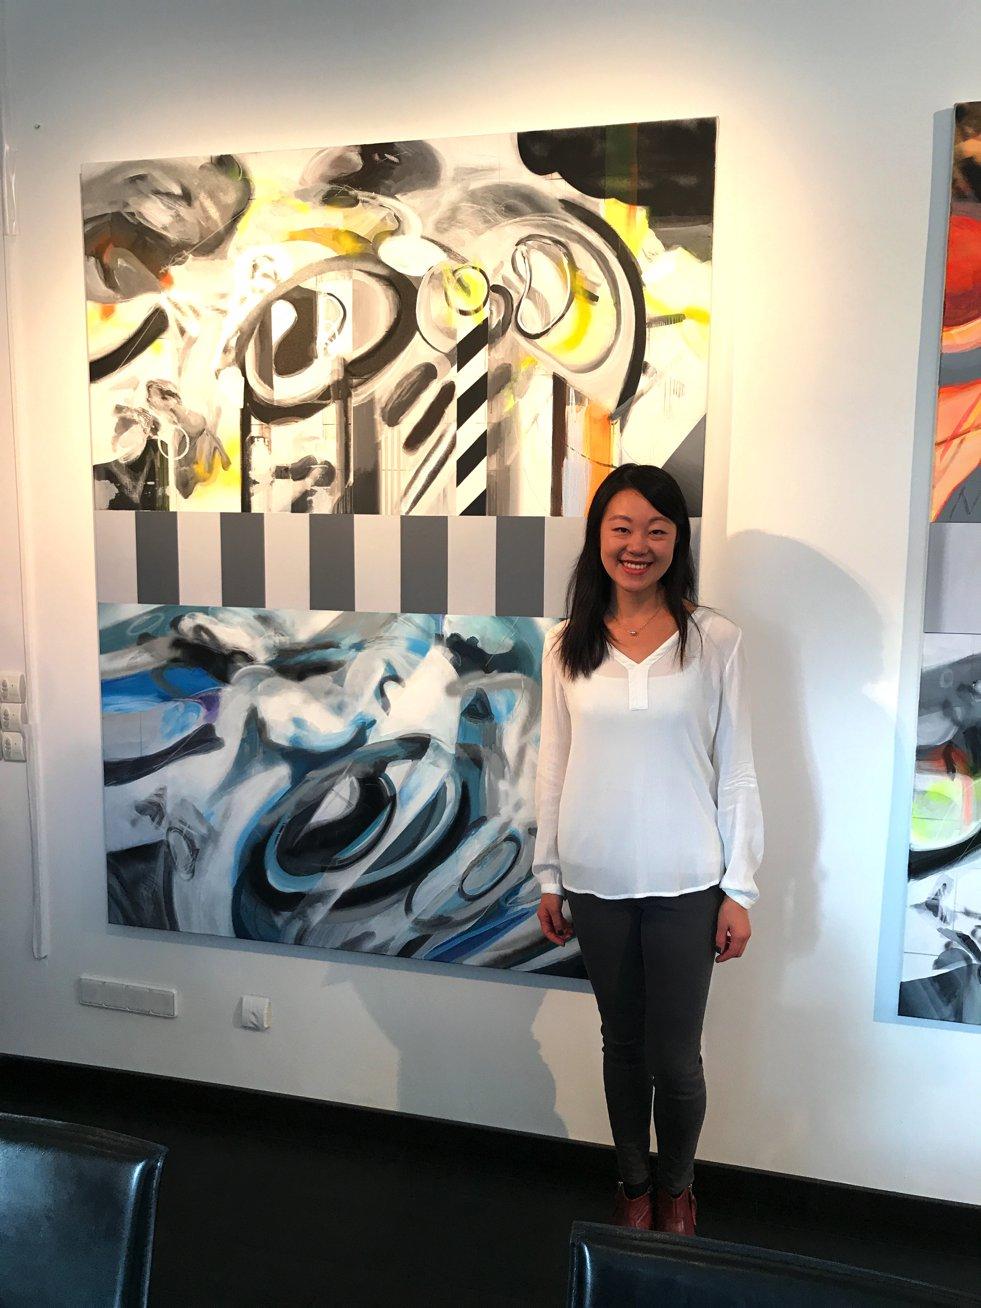 Ce Jian Künstlerin, Ce jian Chinesische Künstlerin, Chinesischer Kunstlunch, Lifestyle-Blog, Lieblingsstil.com,